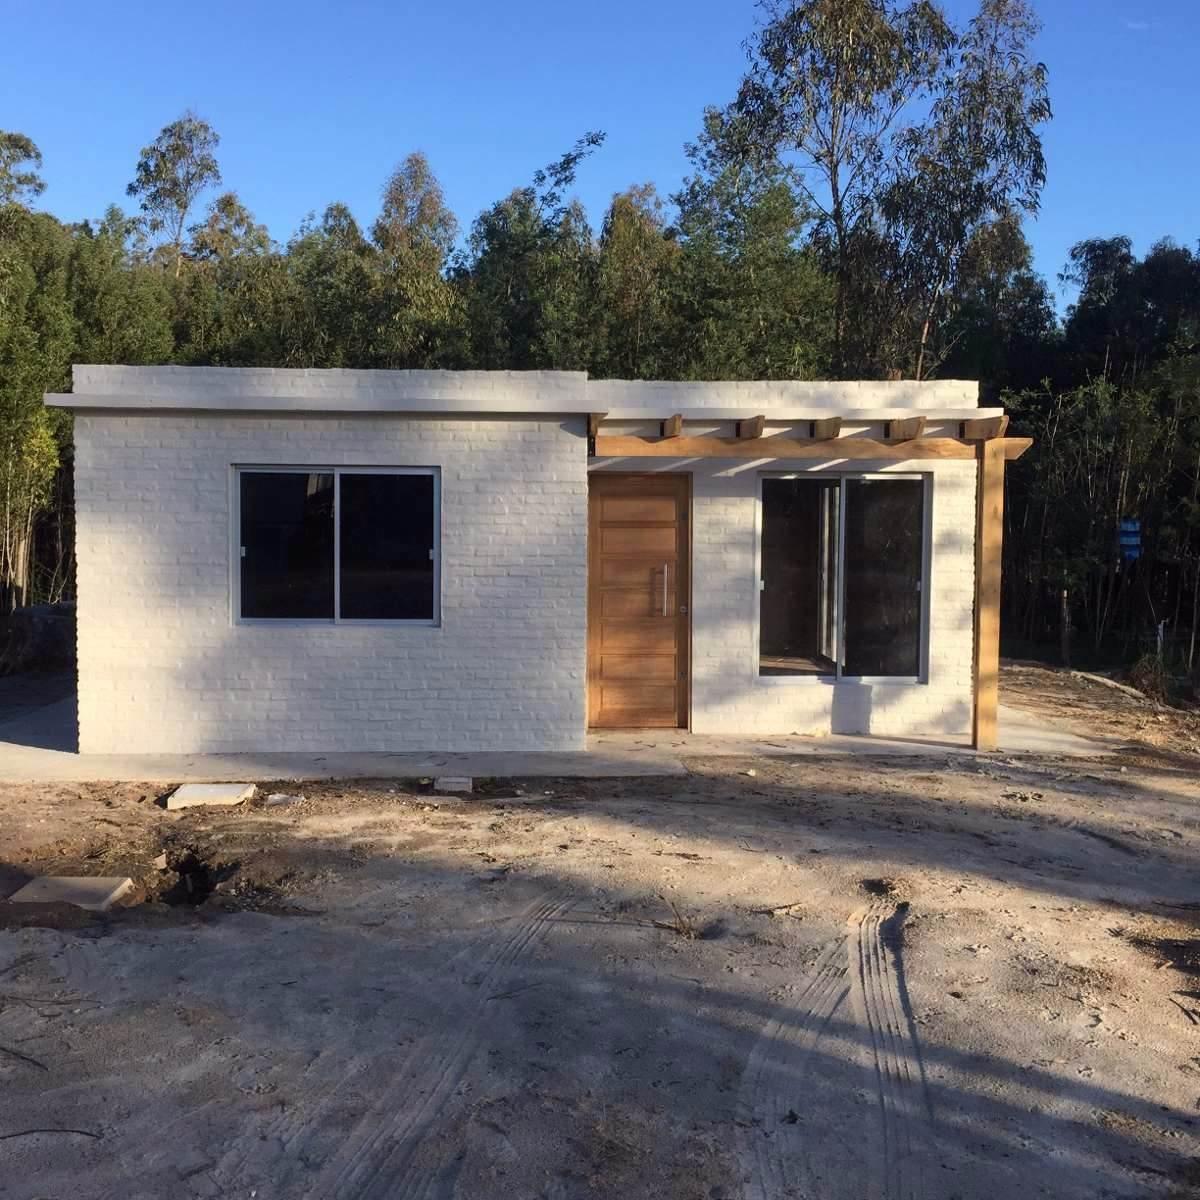 Construccion de casas en ladrillo bolseado y plancha 19 for Construccion de casas